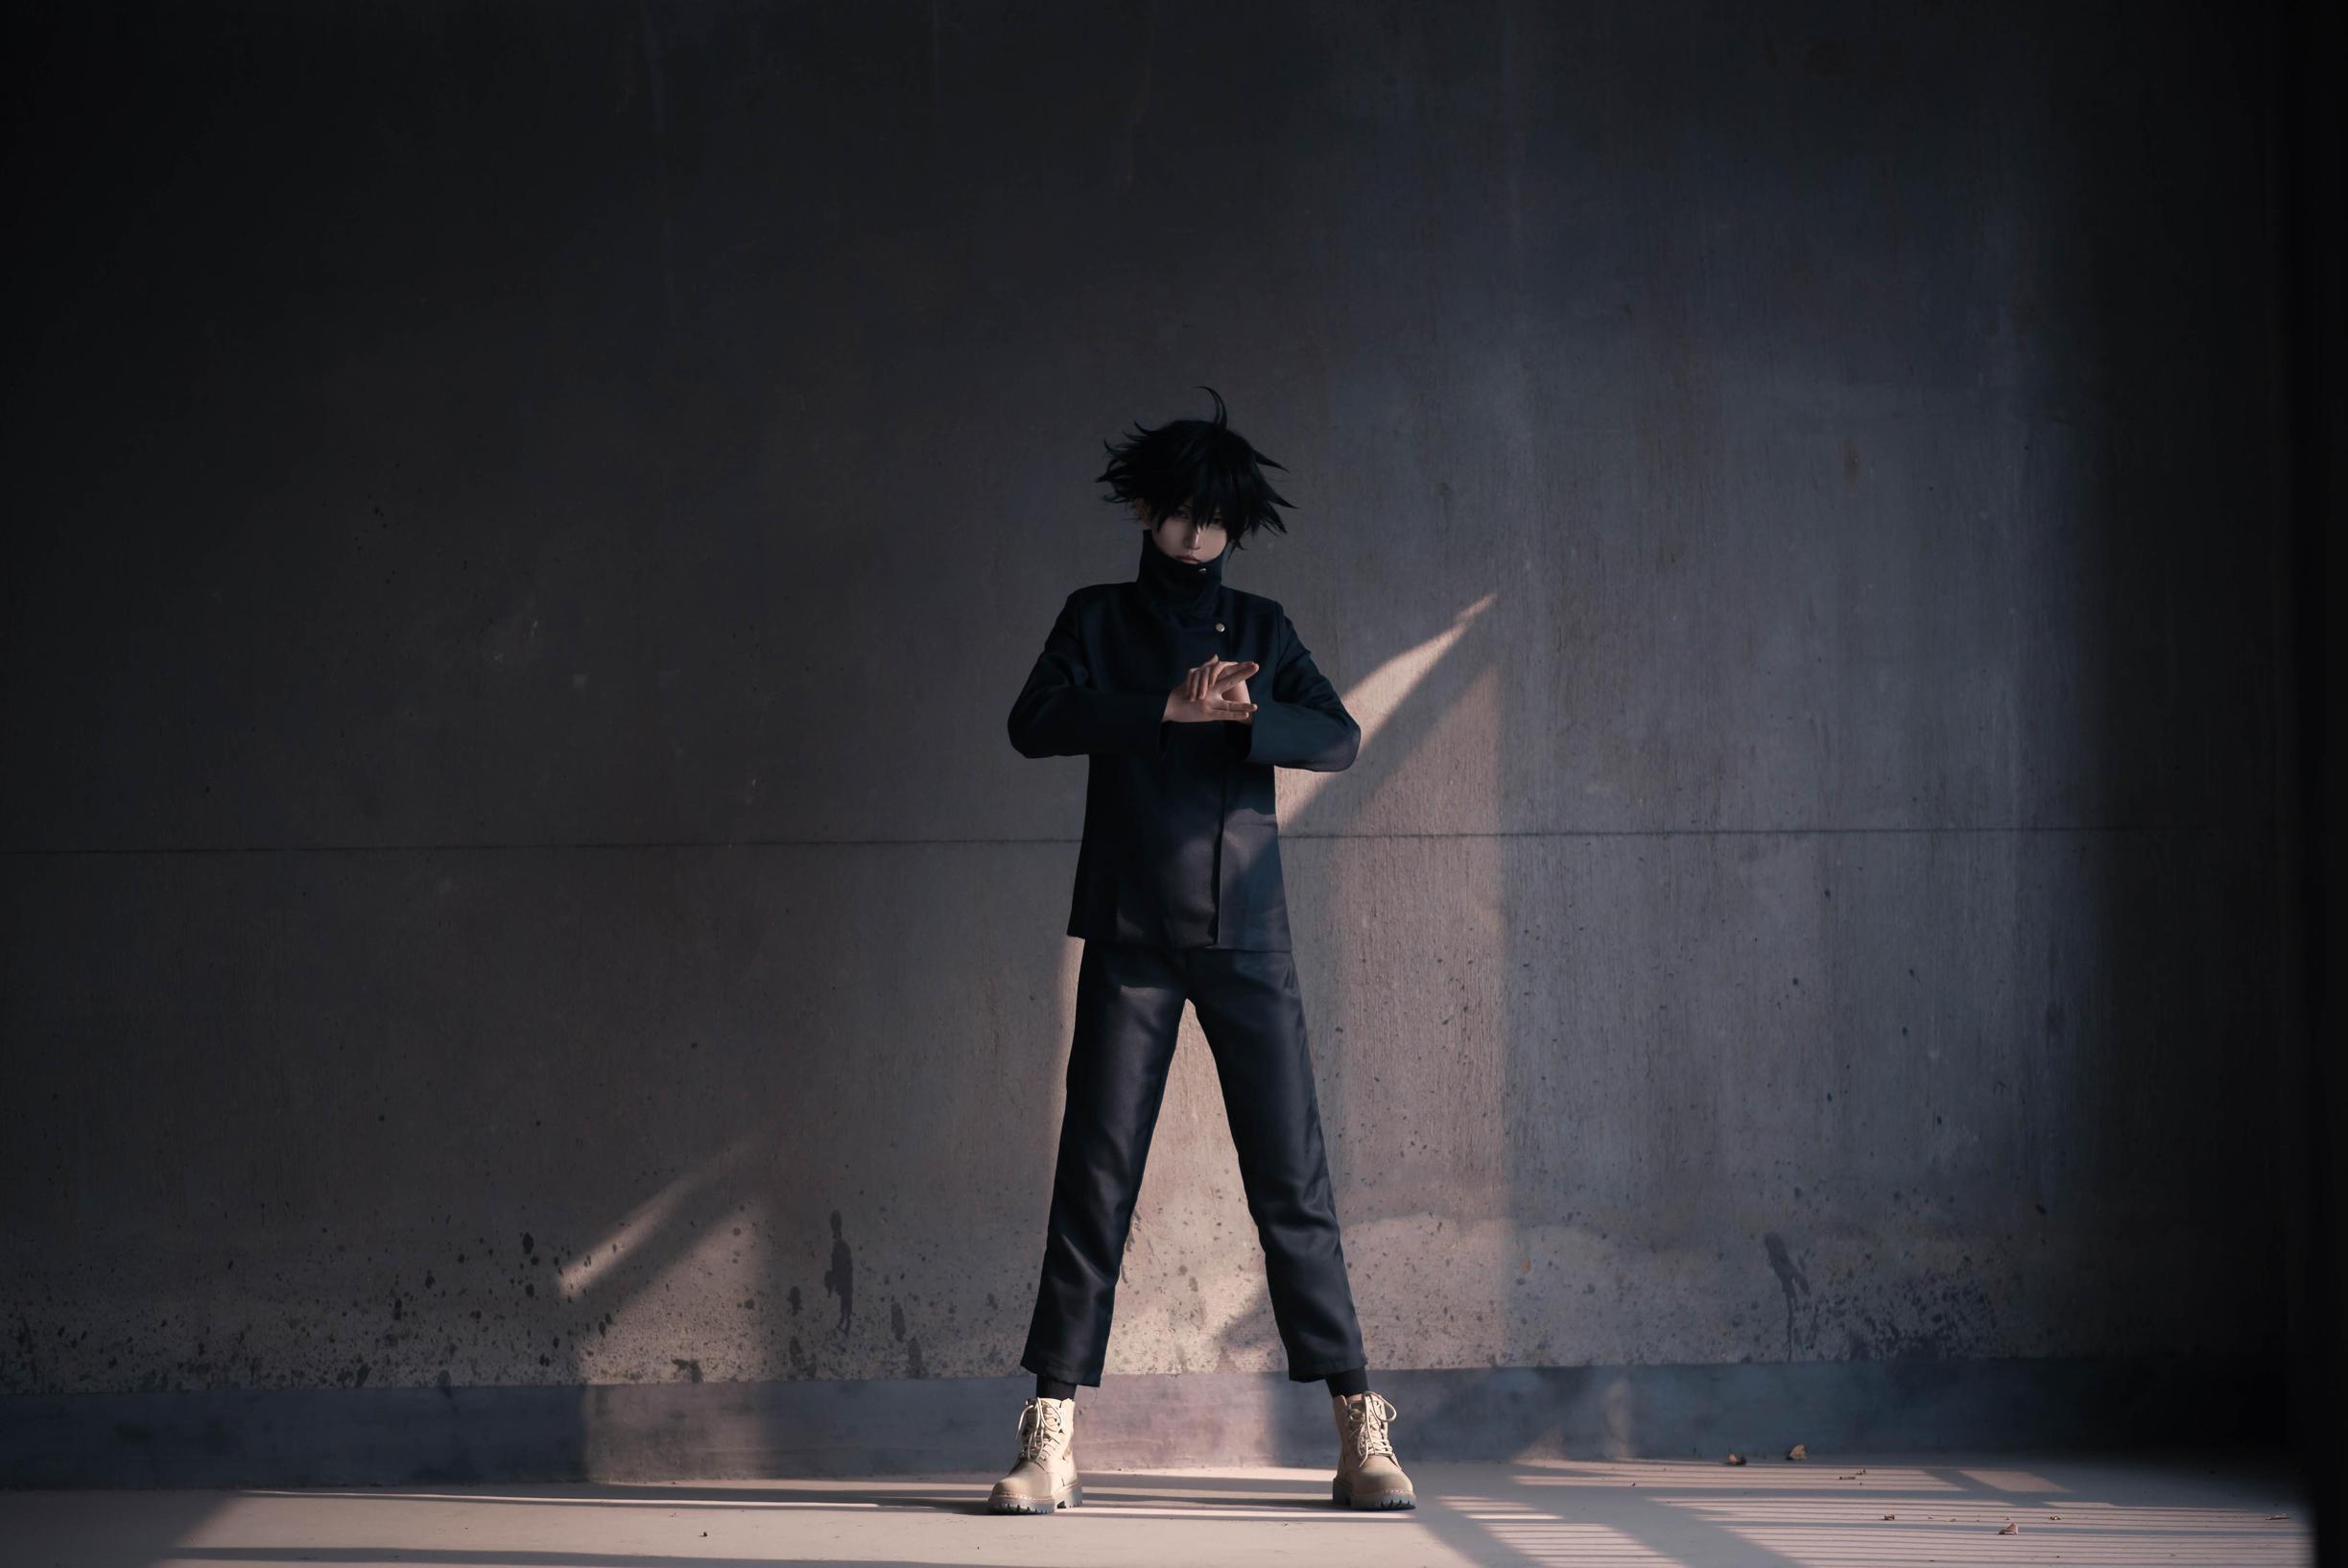 《咒术回战》推荐cosplay【CN:物部弥生】-第2张